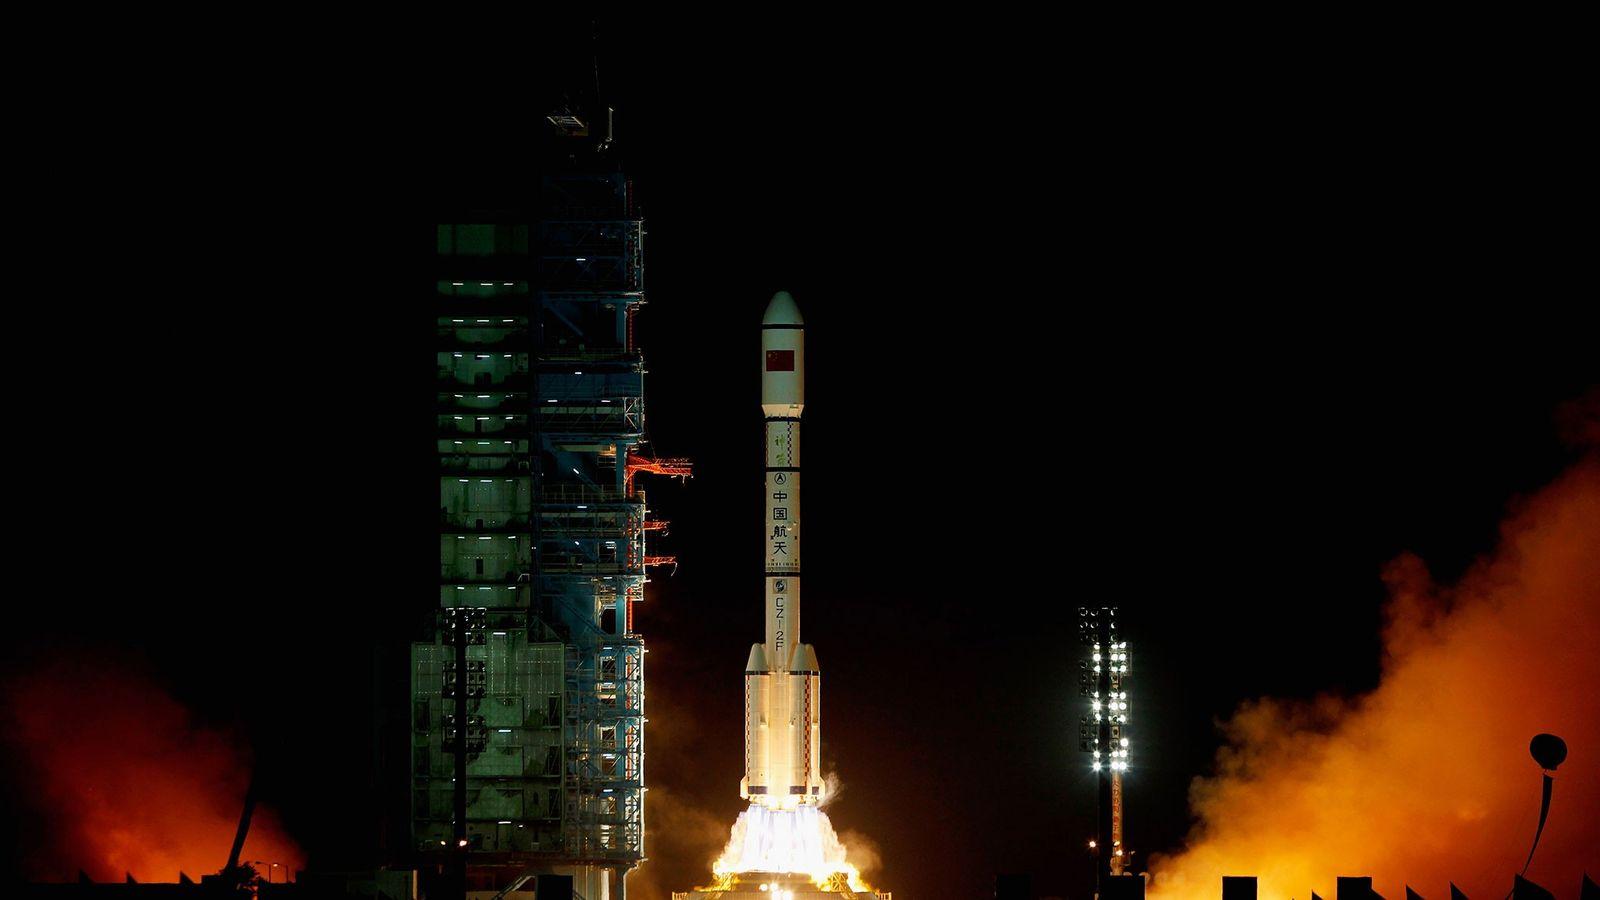 Une fusée chinoise Longue Marche 2F a transporté la station spatiale Tiangong-1 en orbite en septembre ...